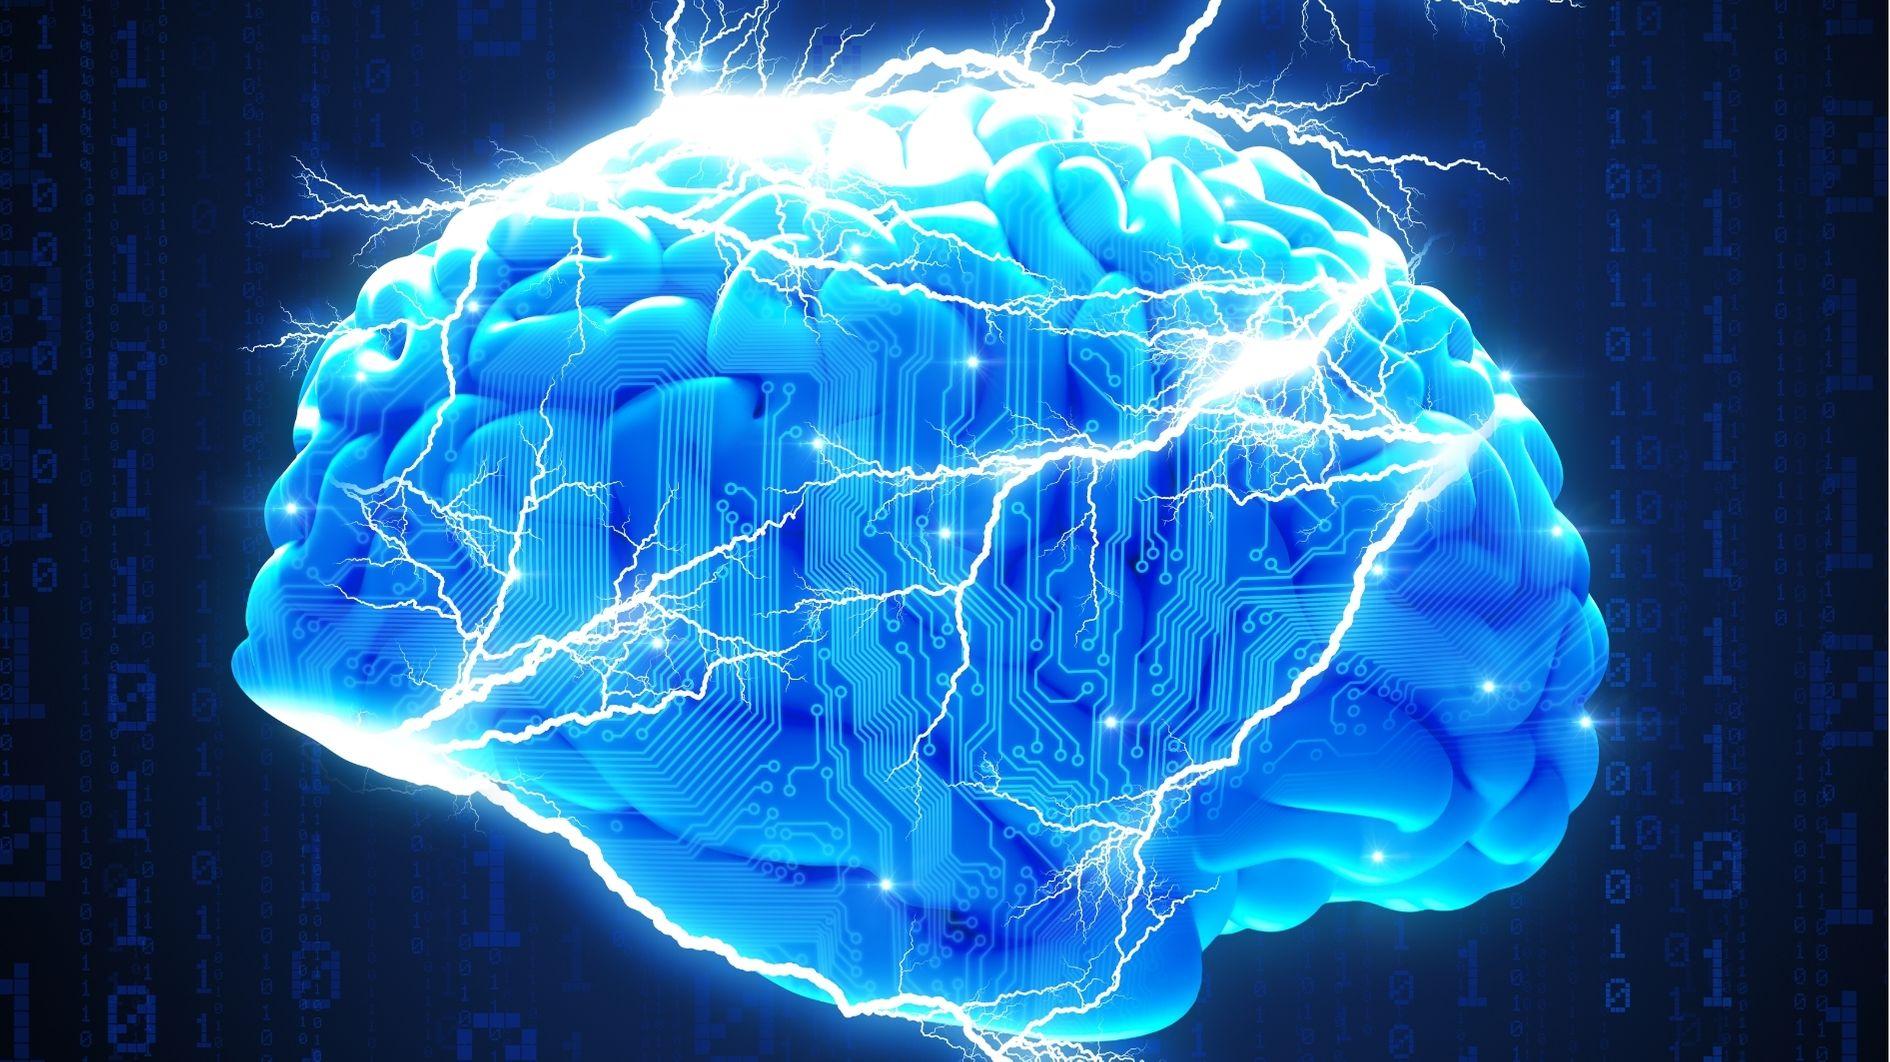 脳に電気刺激を与えてうつ病を治す技術が大幅な進歩をみせている